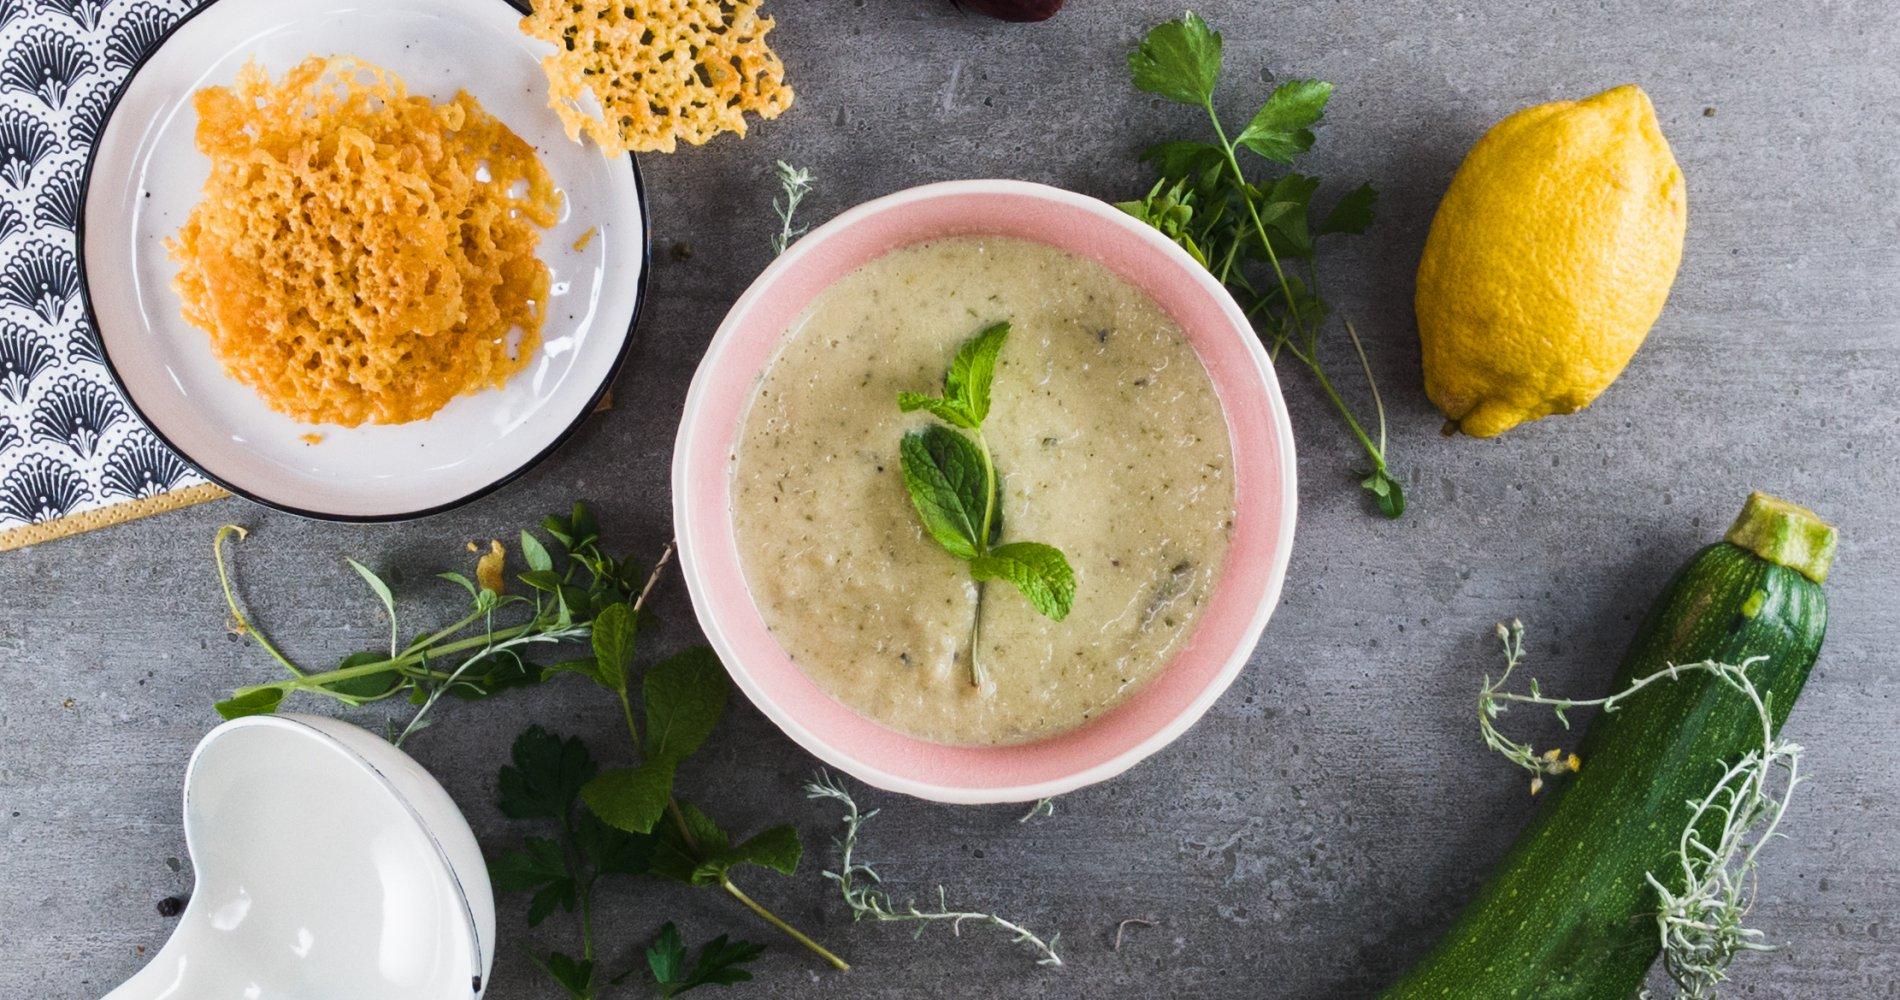 Rezept Low Carb: Zucchinisuppe mit Frischkäse - LCHF-gesund.de